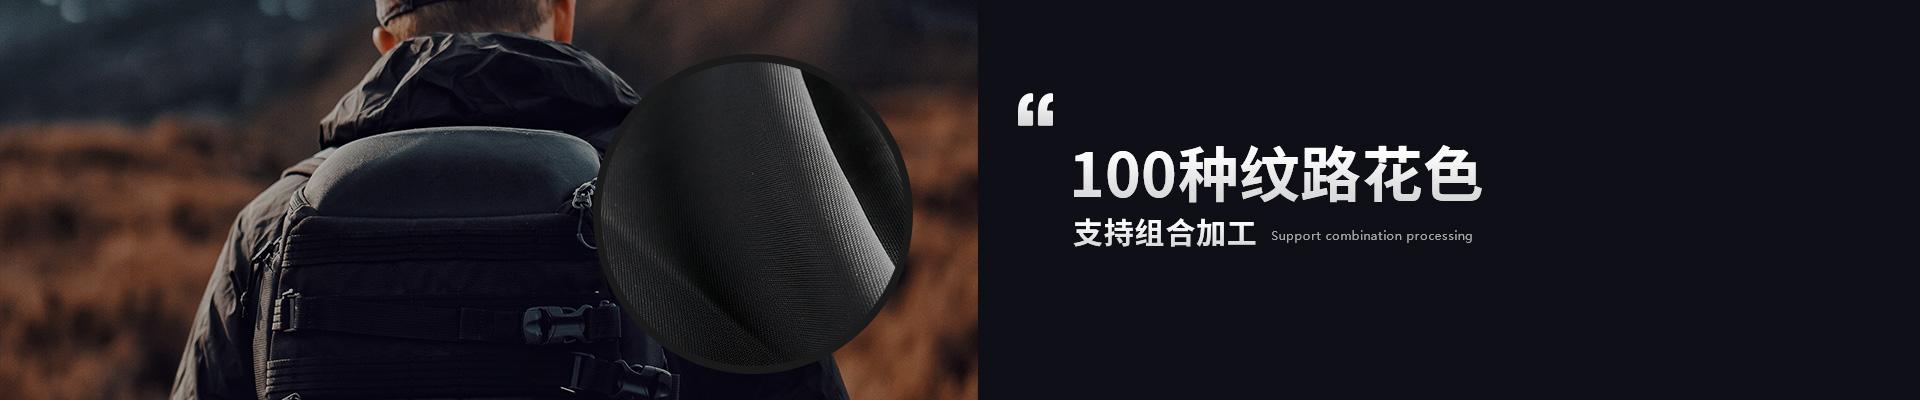 雅欣-100种纹路花色